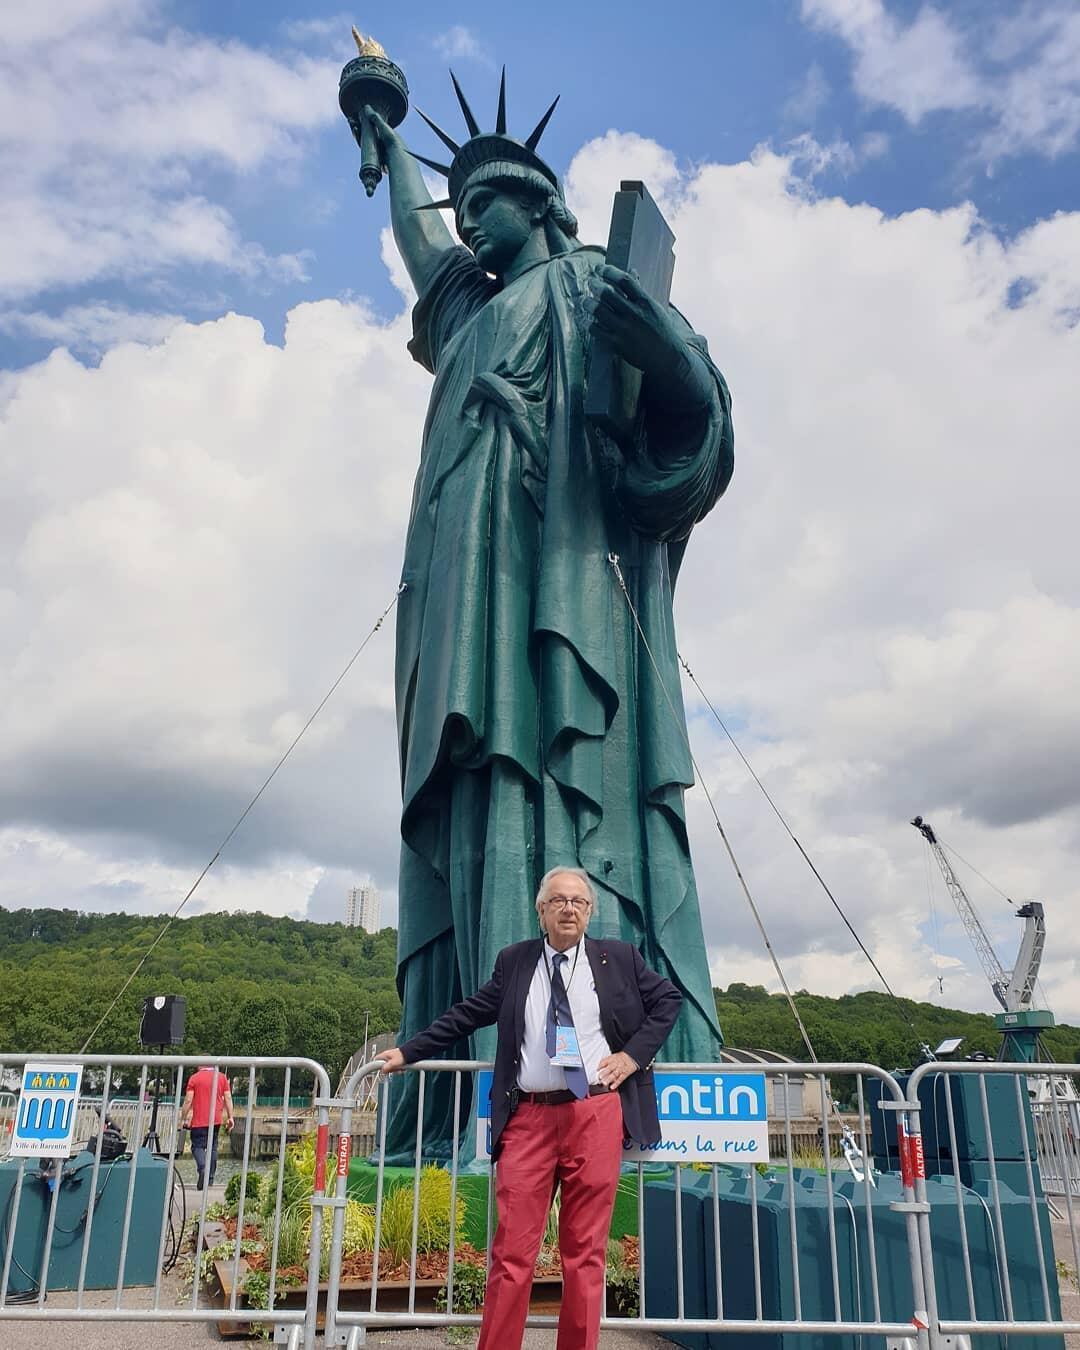 Patrick Herr, posando ante la estatua de la libertad, junio 2019, Rouen, Francia.